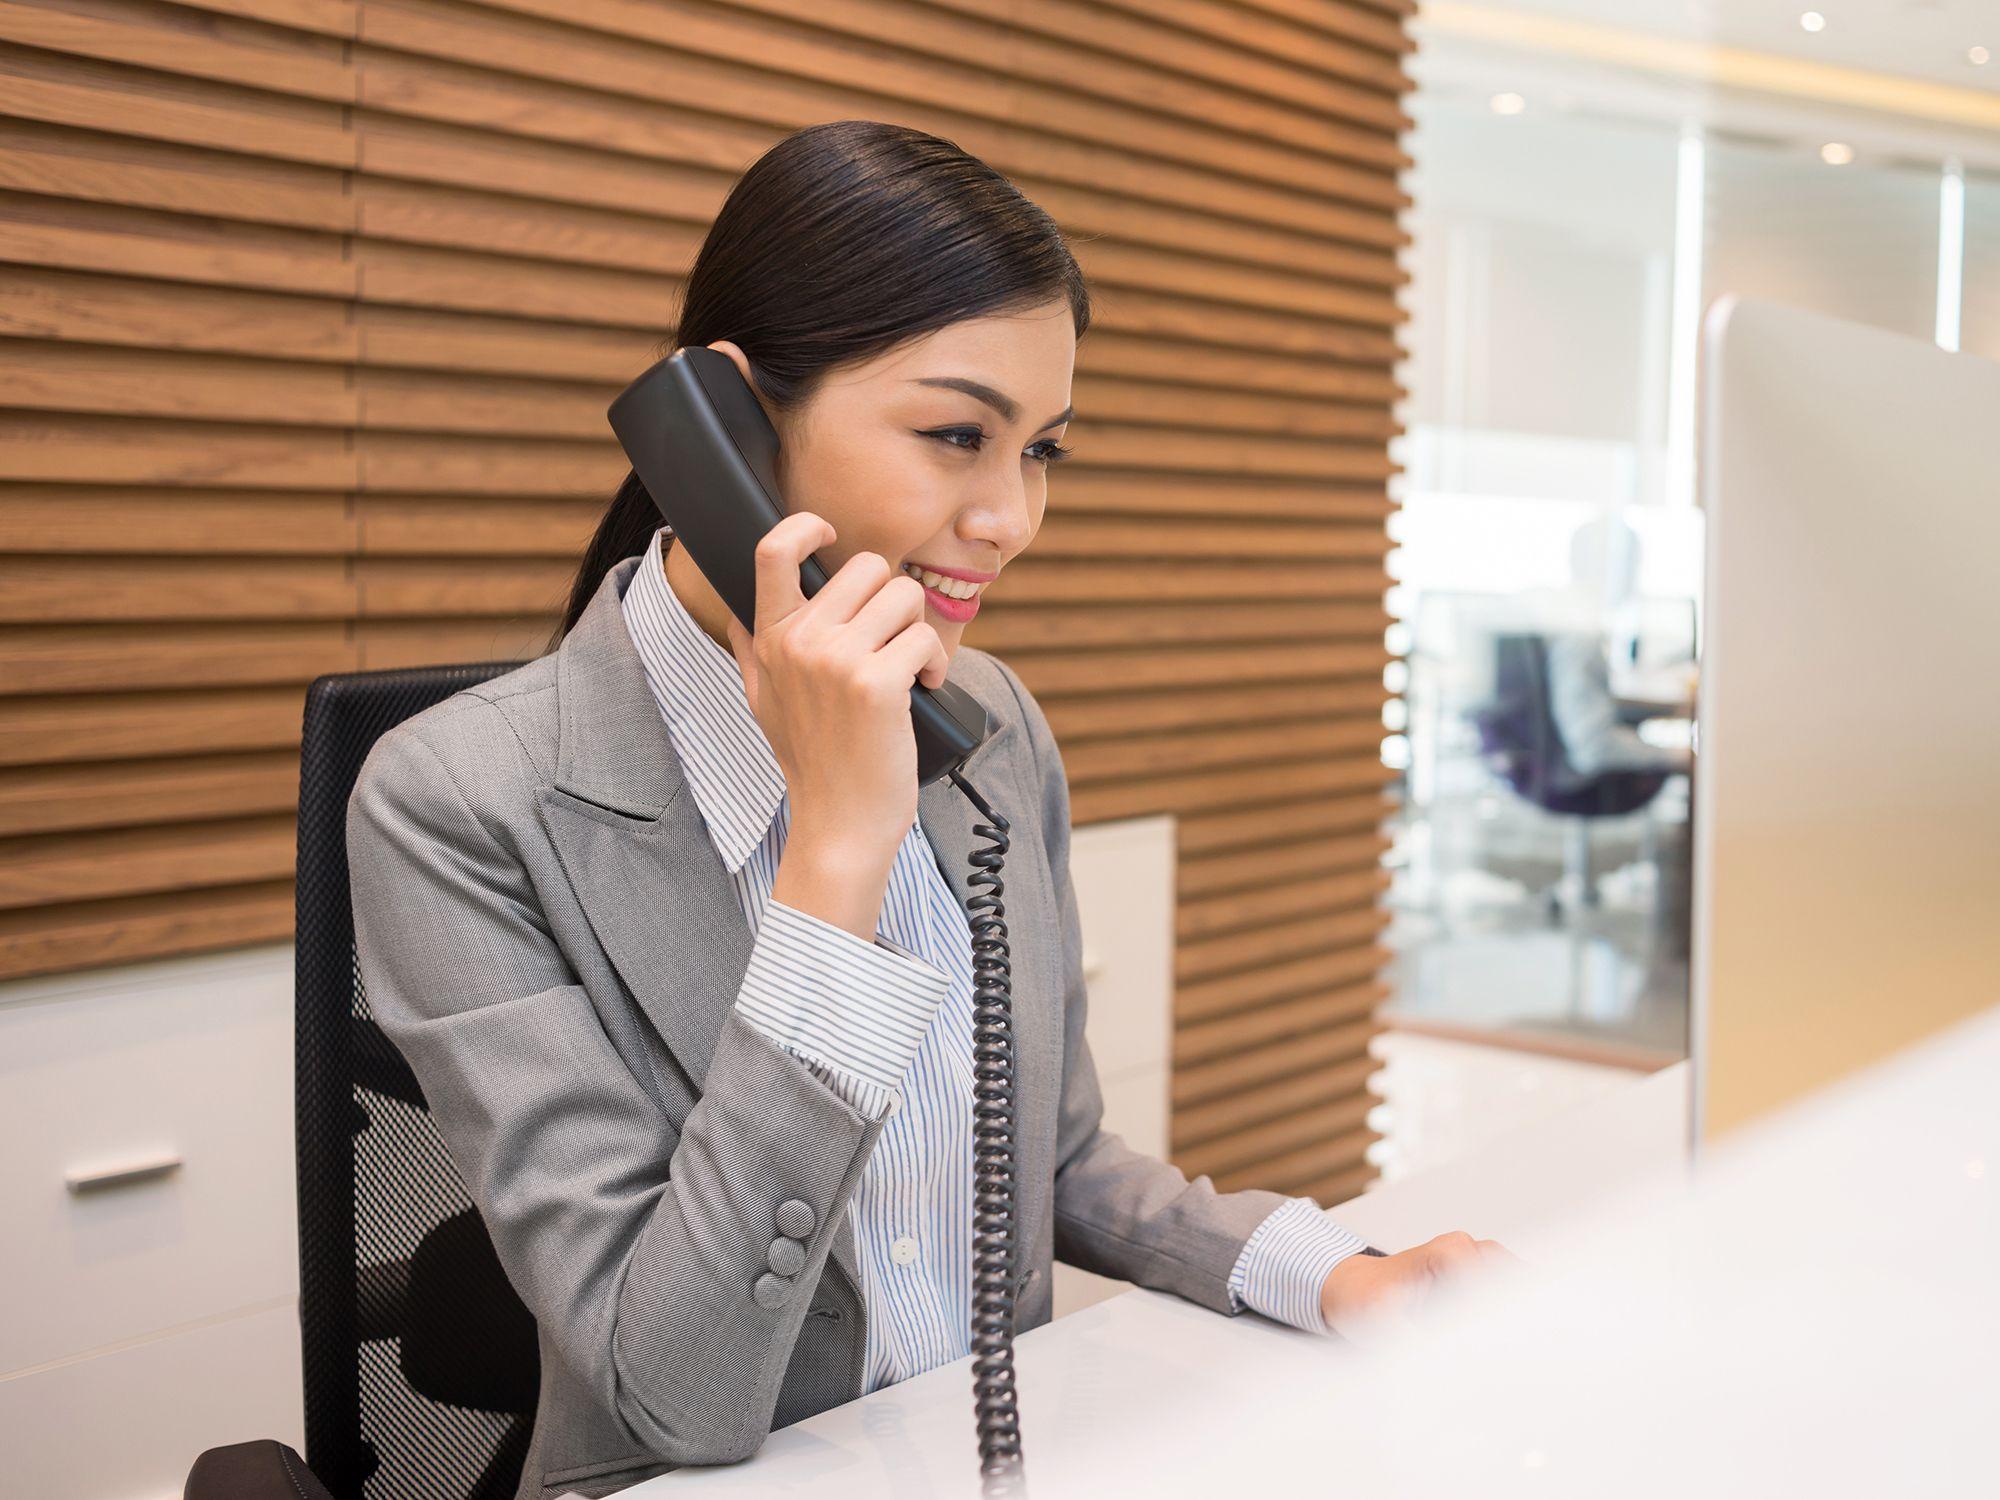 Level 6 - Empfangsmitarbeiter wie Rezeptionistin, Rezeptionisten, Empfangskräfte, Empfangsdamen, Empfangsherren, Empfangskraft, Empfangsassistenten, Empfangsassistentin, Empfangsangestellte, Empfangsassistenz, Empfangschef, Empfangspersonal, Empfangssekretärin, Empfangsservice, Front Office Agent, Front Office Manager, Rezeptionsmitarbeiter, Rezeptionsfachkraft, Tresenkraft, Tresenmitarbeiter, Bürohilfskraft, Bürofachkraft und Bürokraft für Büros, Büroarbeit, Büroaufgaben, Bürotätigkeiten, Büroorganisation, Urlaubsvertretung und Rekrutierung per Zeitarbeit, Arbeitnehmerüberlassung, Personalüberlassung und Personalvermittlung buchen und finden